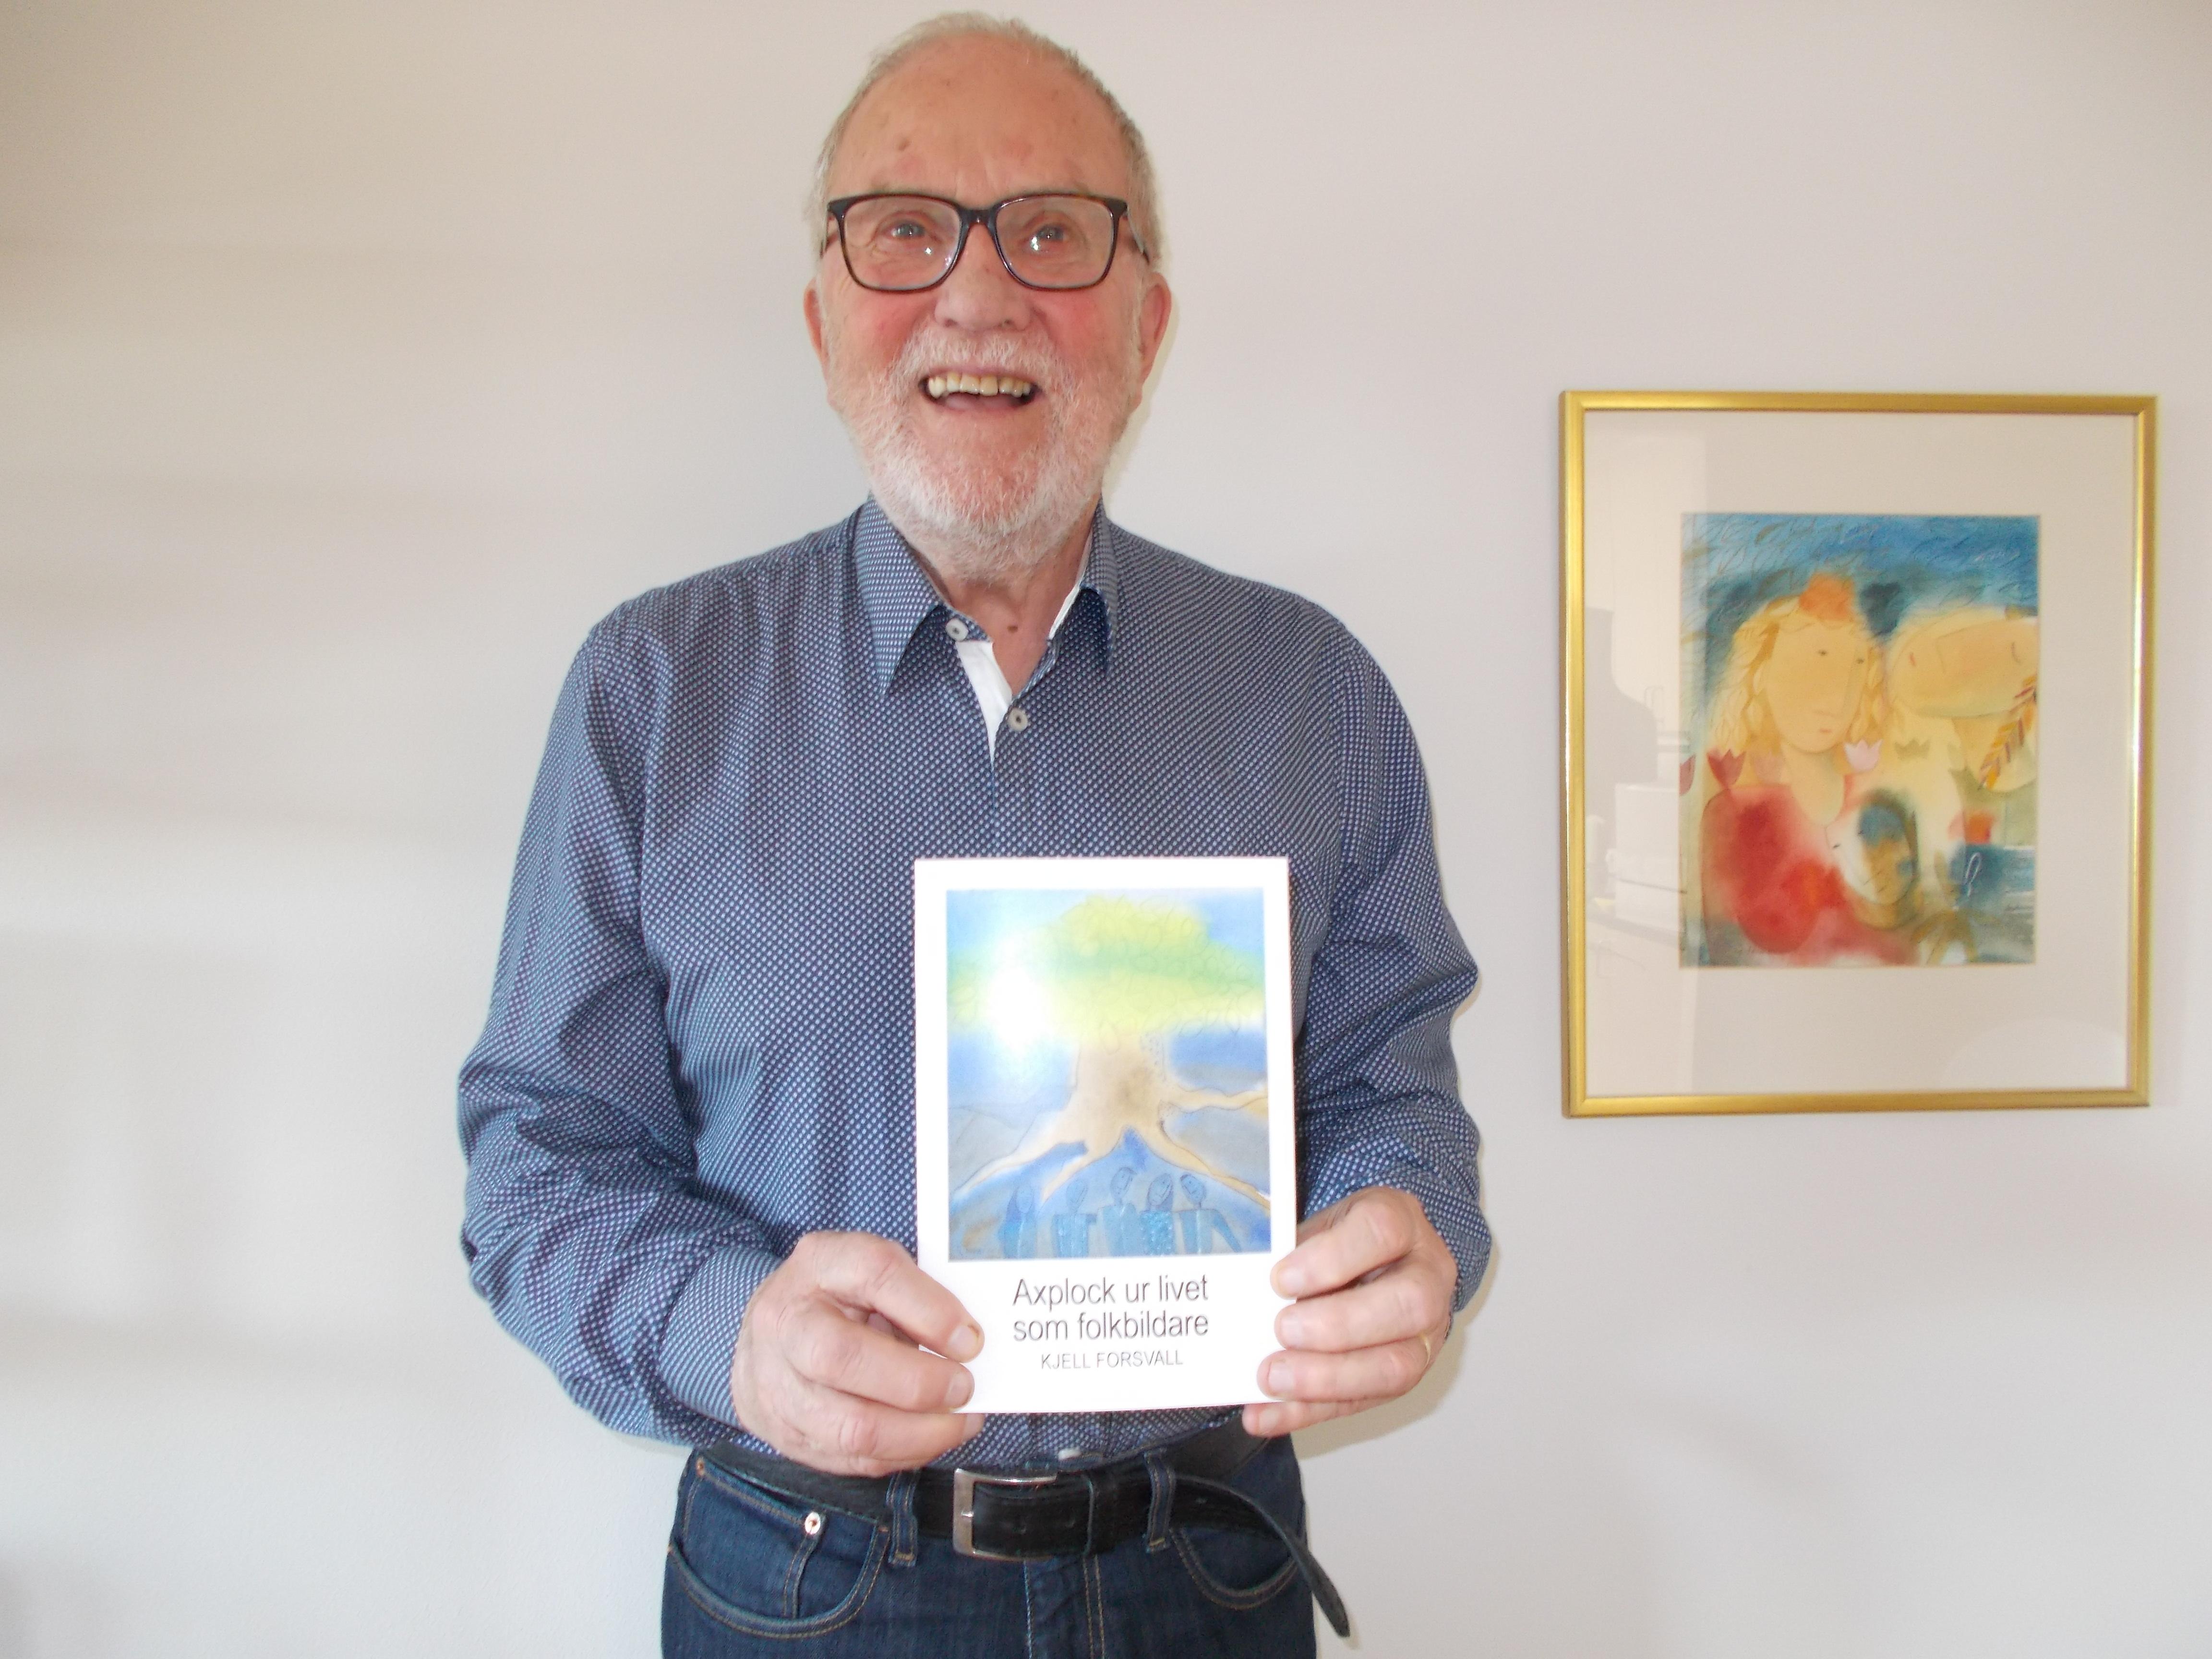 Kjell har glasögon och grått skägg. Han bär en blå skjorta och håller i sin nya bok framför sig